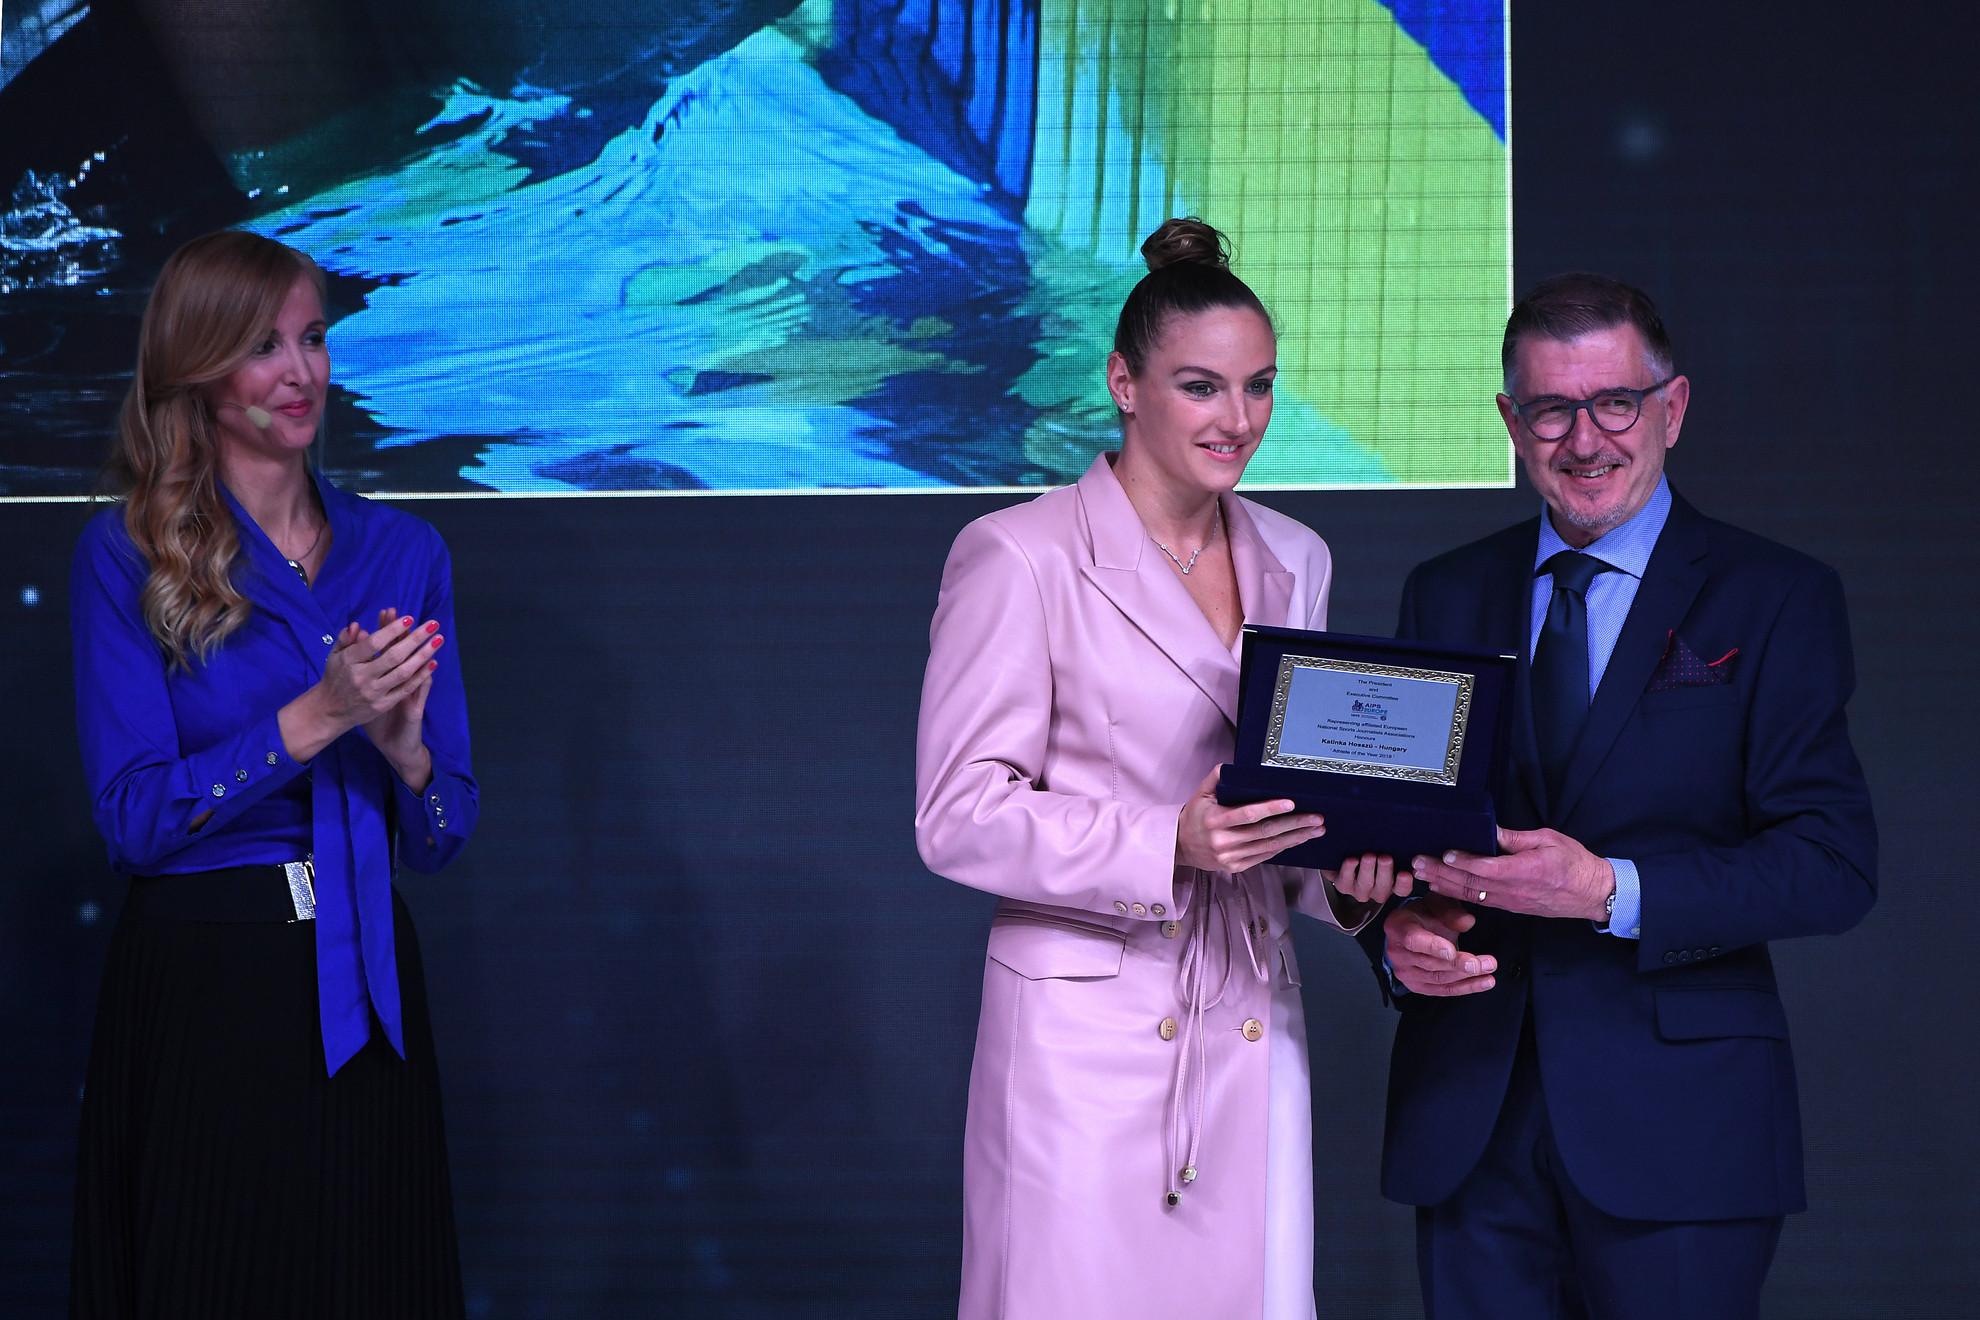 Charles Camenzuli, a Nemzetközi Sportújságíró Szövetség (AIPS) főtitkára (j) átadta az év európai női sportolója díjat Hosszú Katinka háromszoros olimpiai bajnok úszónak az AIPS budapesti kongresszusa díjátadó gáláján a Corinthia hotelben